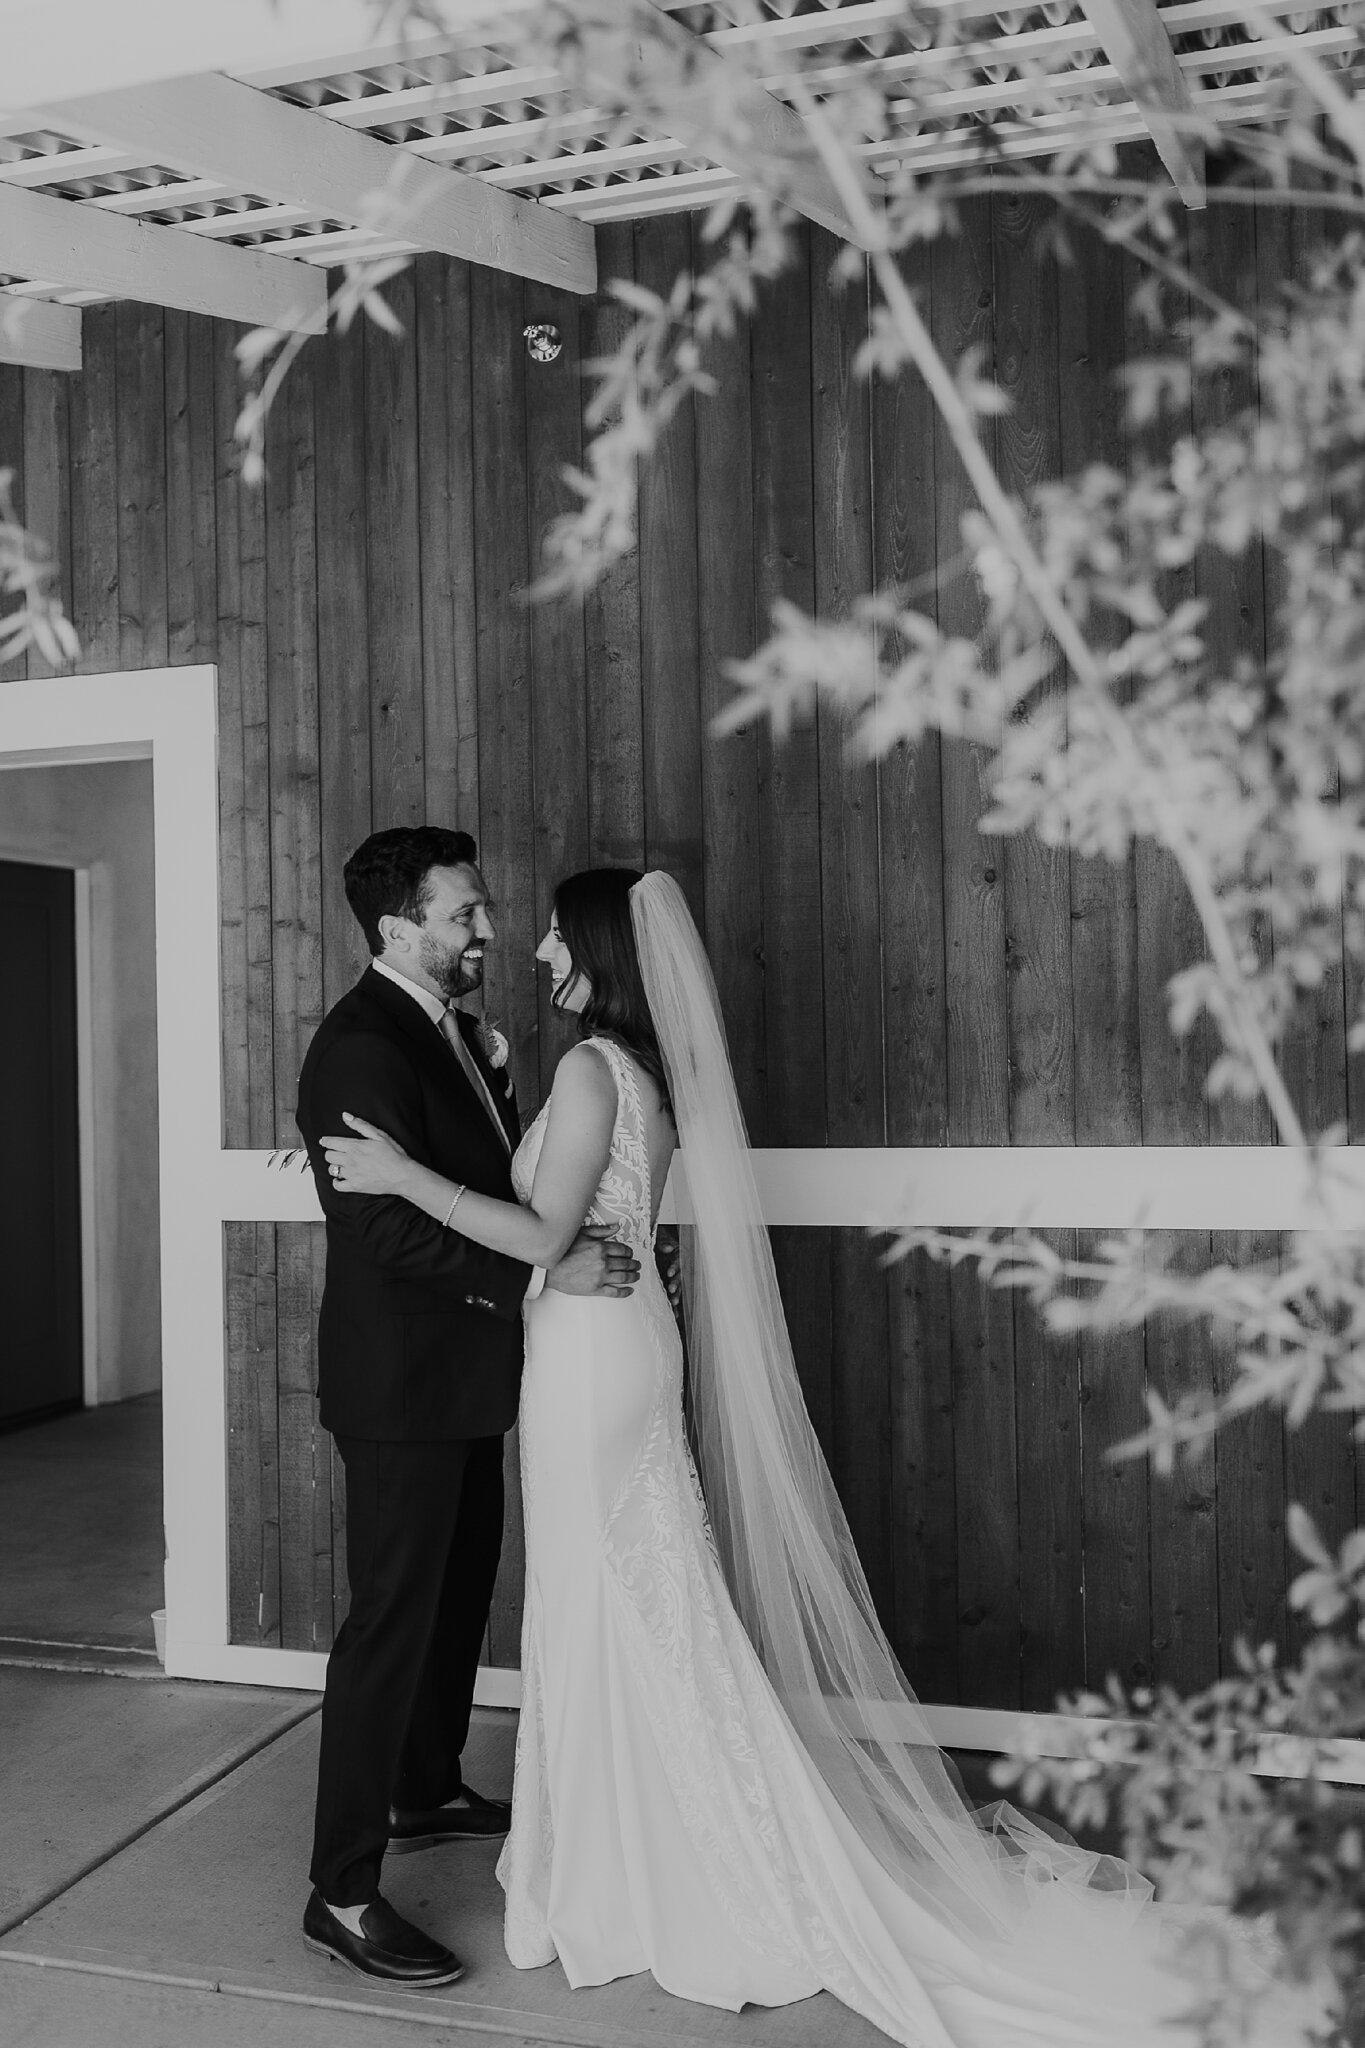 Alicia+lucia+photography+-+albuquerque+wedding+photographer+-+santa+fe+wedding+photography+-+new+mexico+wedding+photographer+-+new+mexico+wedding+-+wedding+-+albuquerque+wedding+-+los+poblanos+-+los+poblanos+wedding+-+fall+wedding_0030.jpg